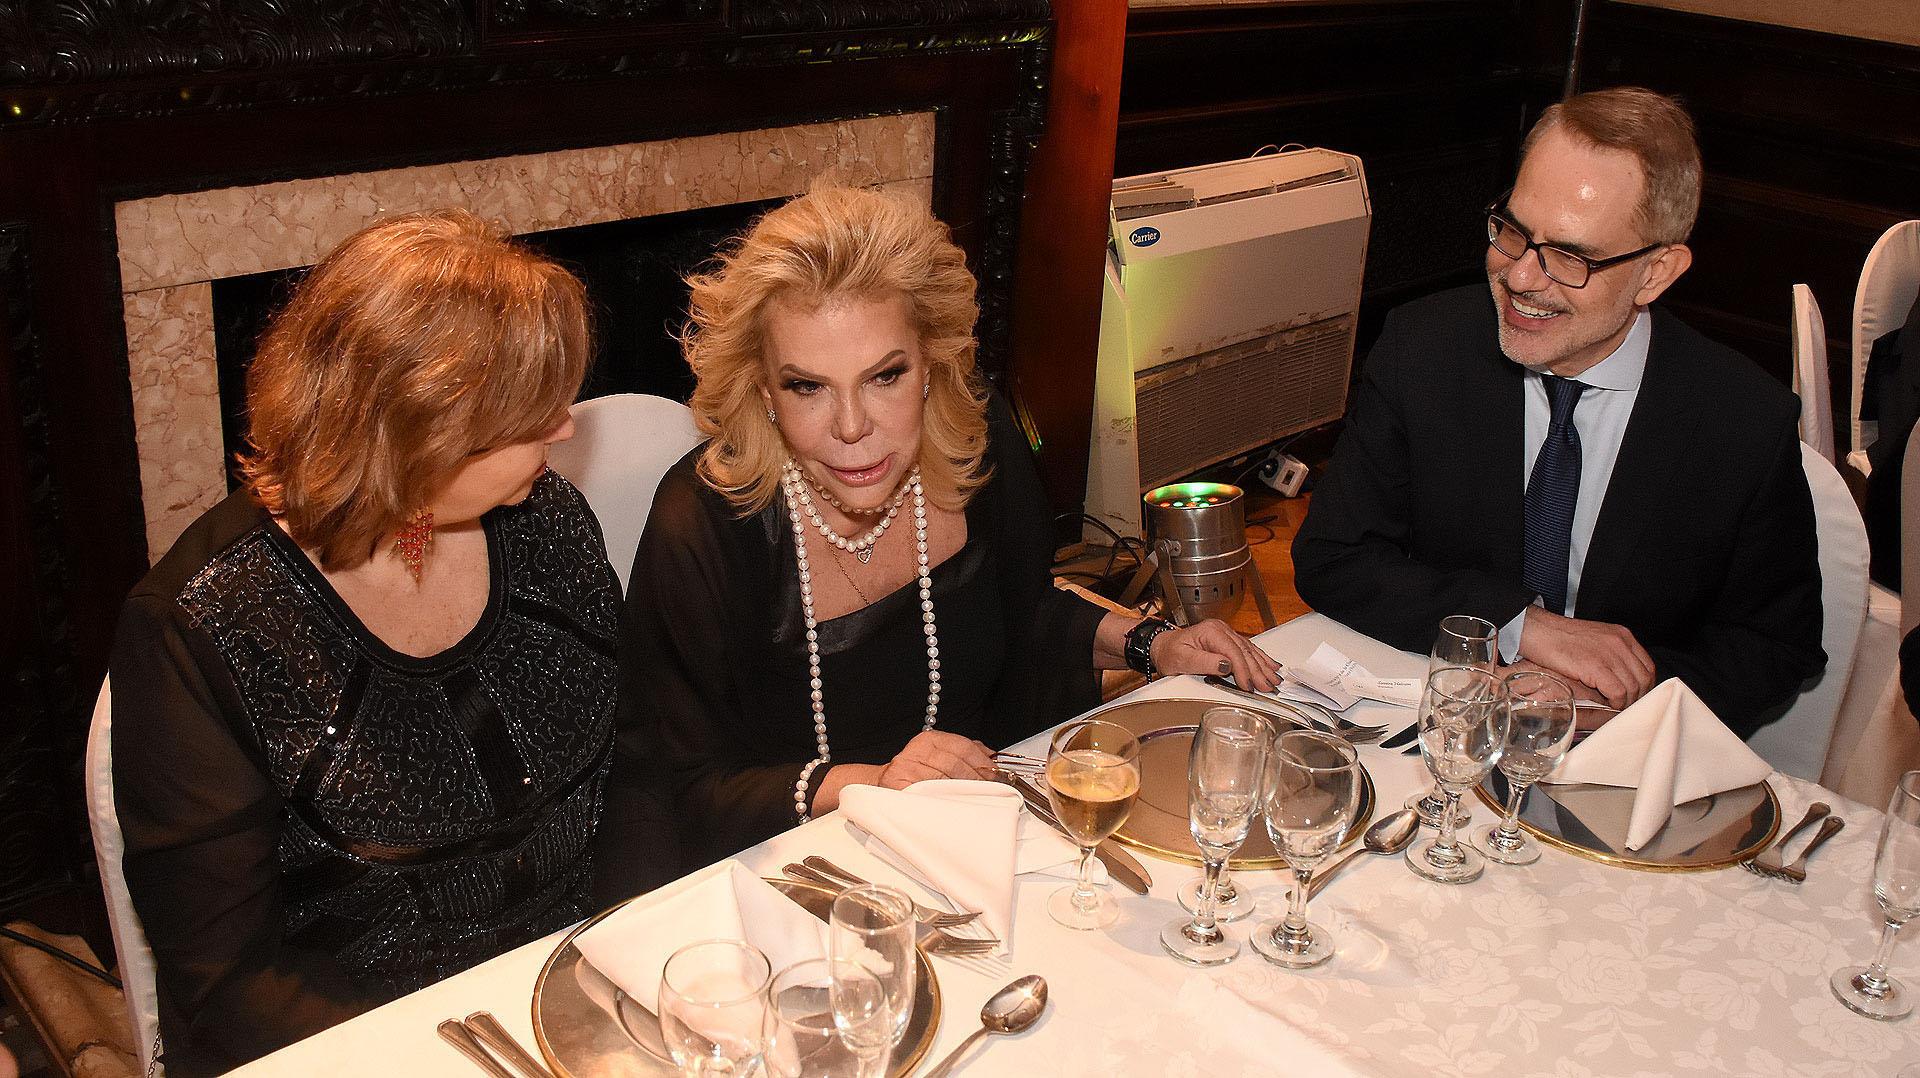 Dodero estuvo en la mesa principal junto a la ministra de salud porteña y el embajador de Grecia